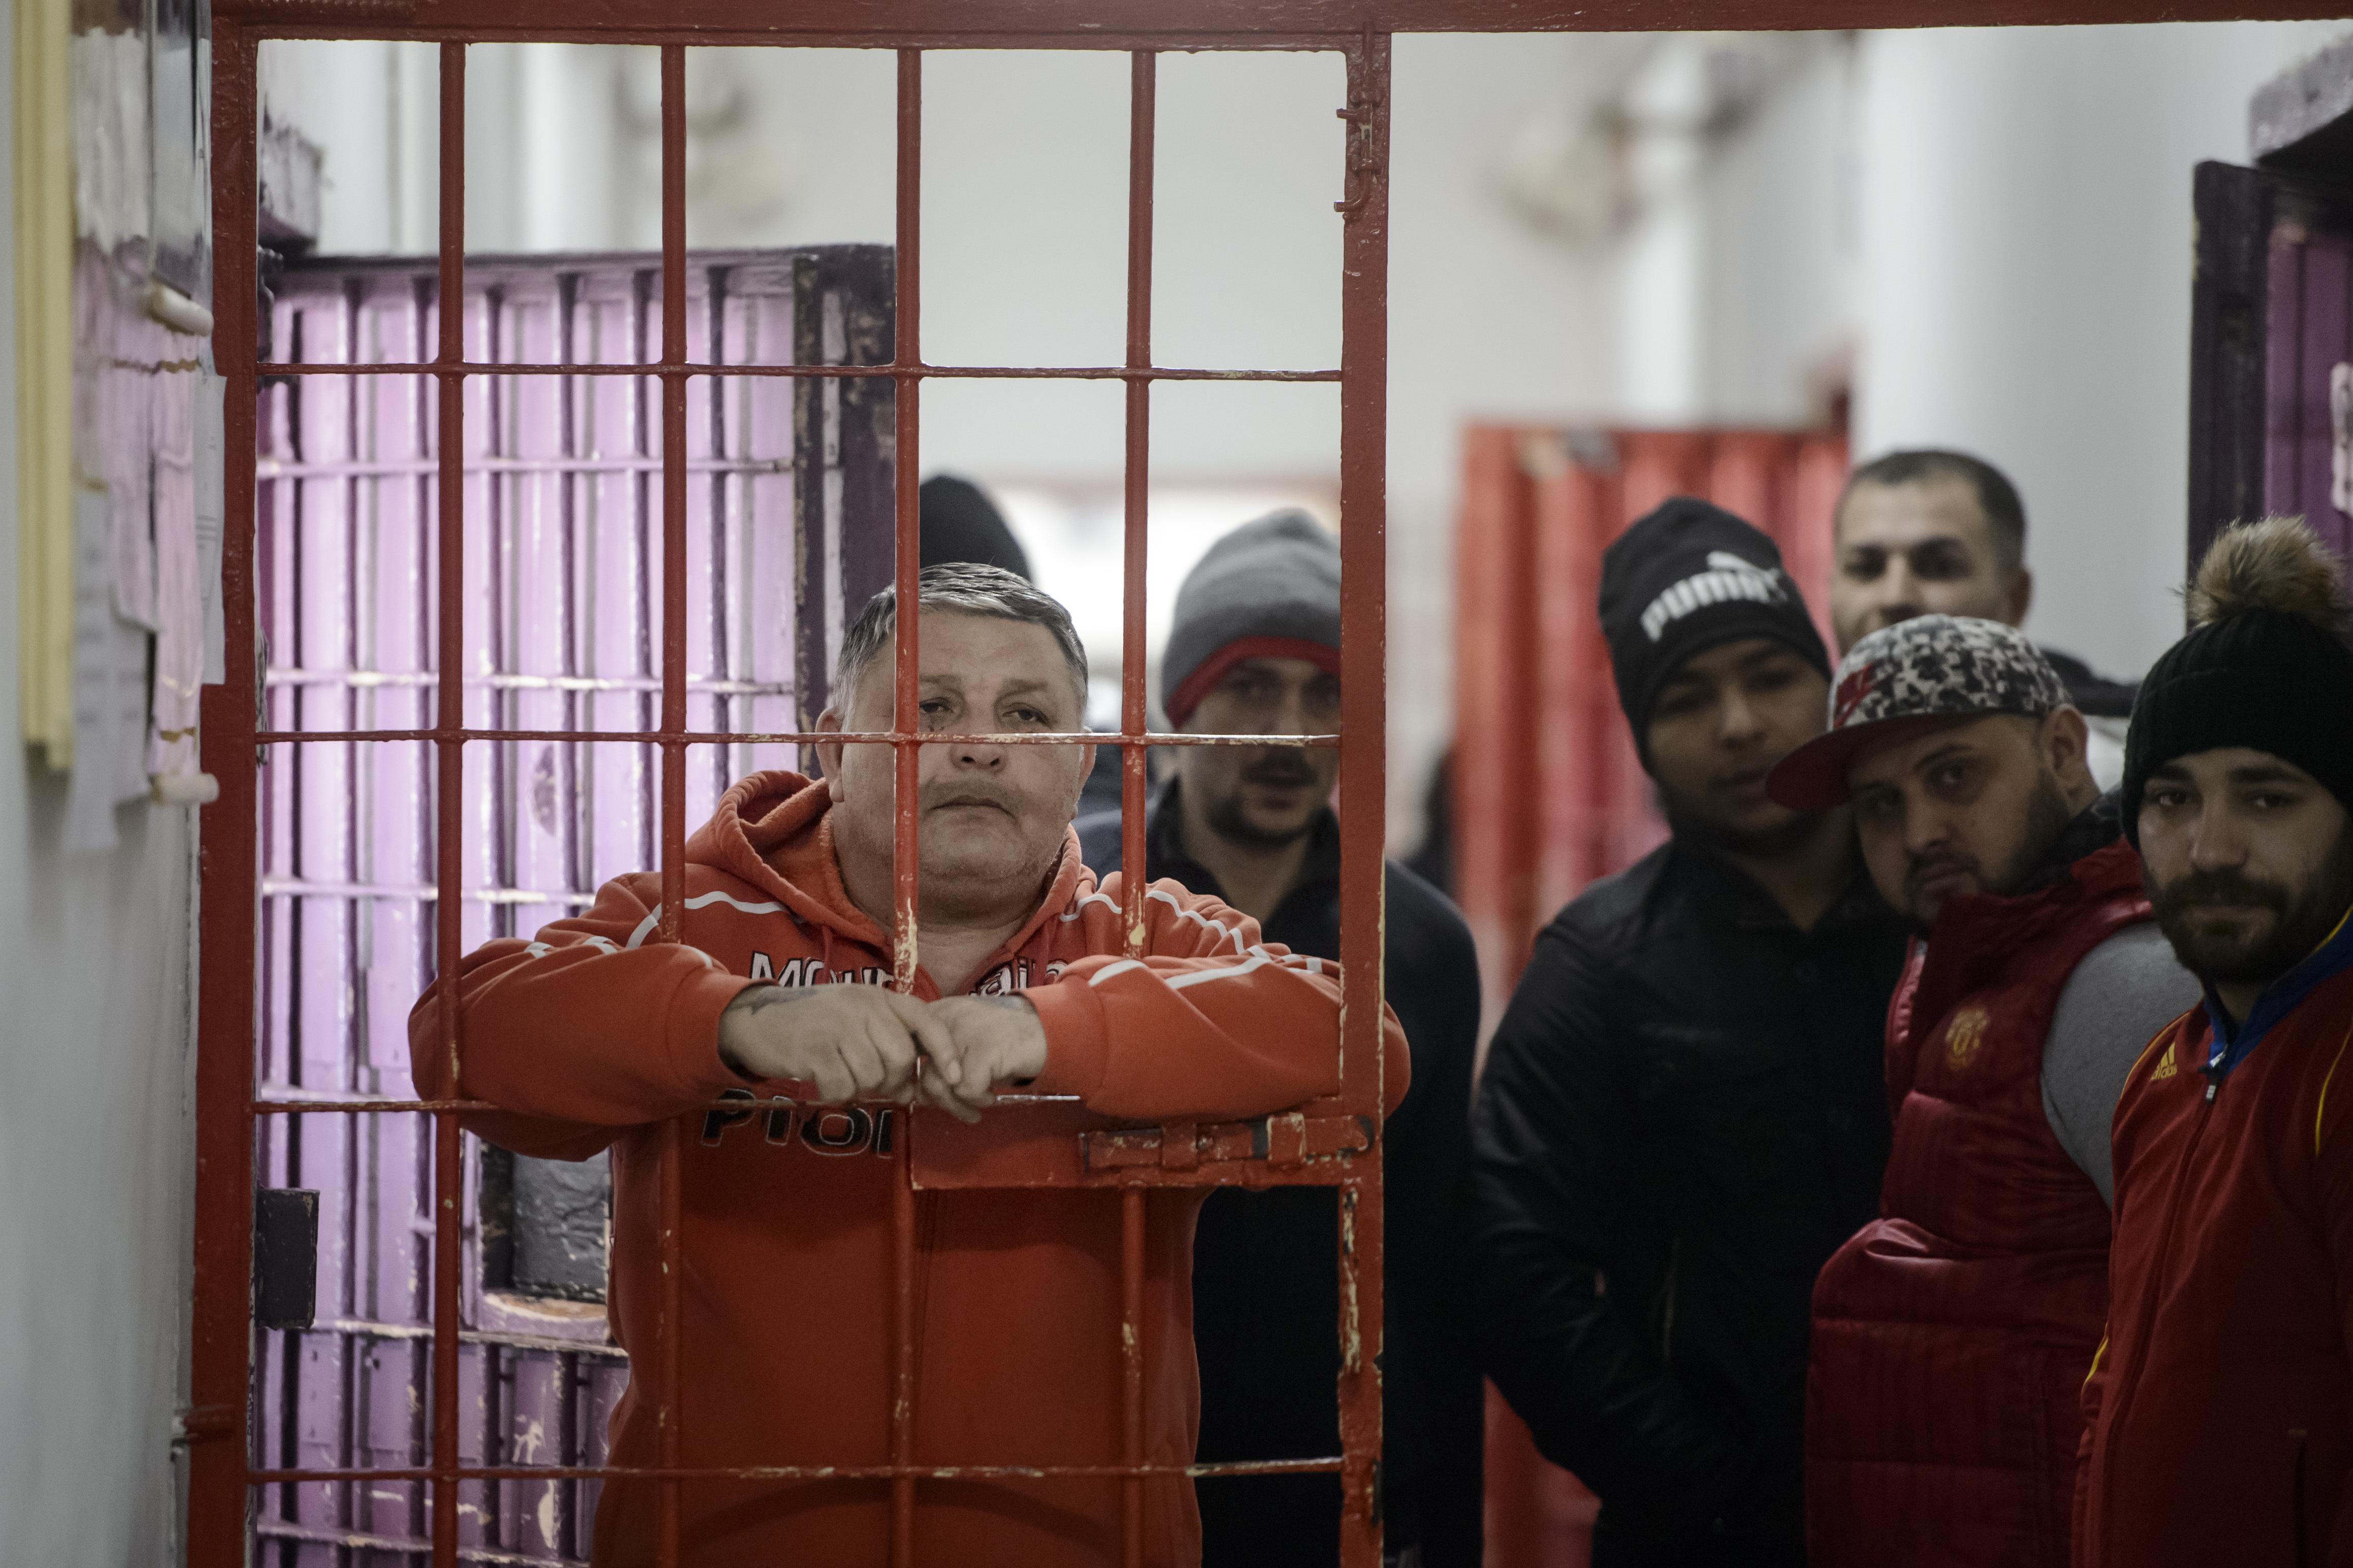 Deţinuţii care trăiesc în condiţii inumane primesc reducerea pedepsei cu 6 zile/lună. CCR: Legea executării pedepselor, constituţională